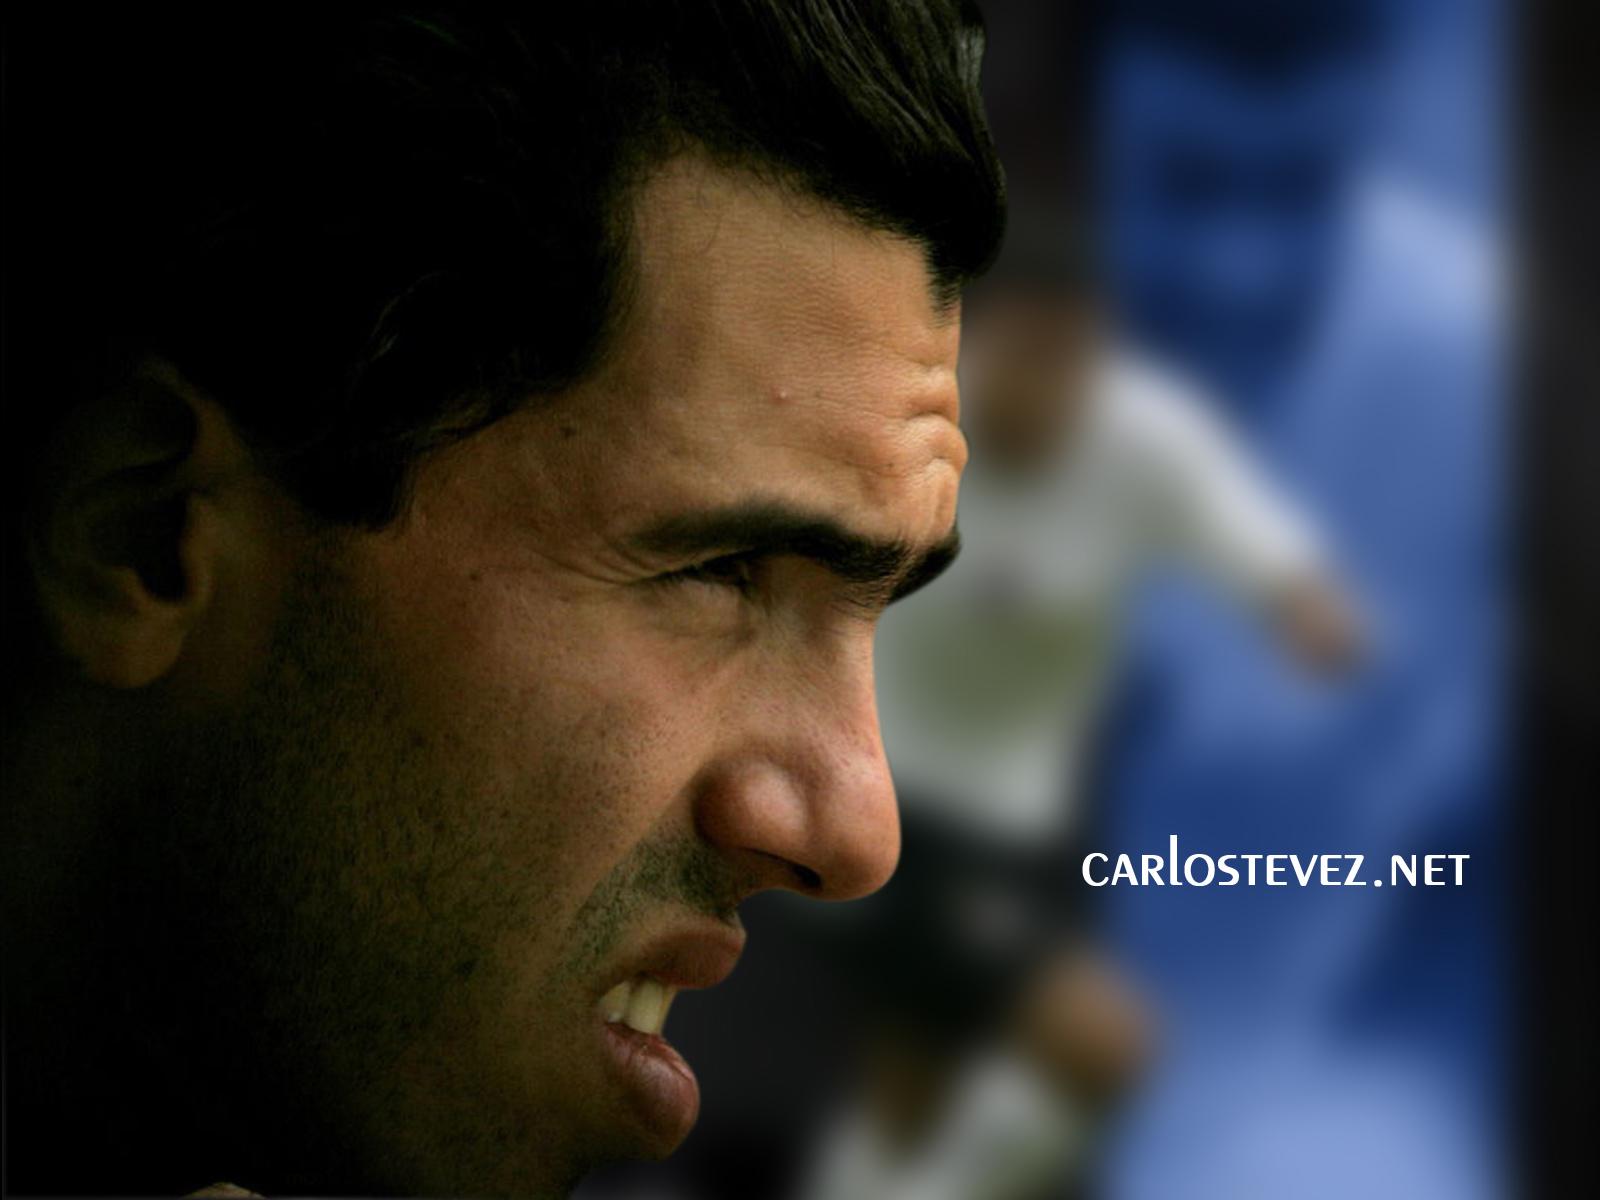 http://2.bp.blogspot.com/-4vQLDm_enD4/Te91-xUIZAI/AAAAAAAACCE/EMNRzEg1Er4/s1600/Carlos-Tevez-Wallpaper-1.jpg